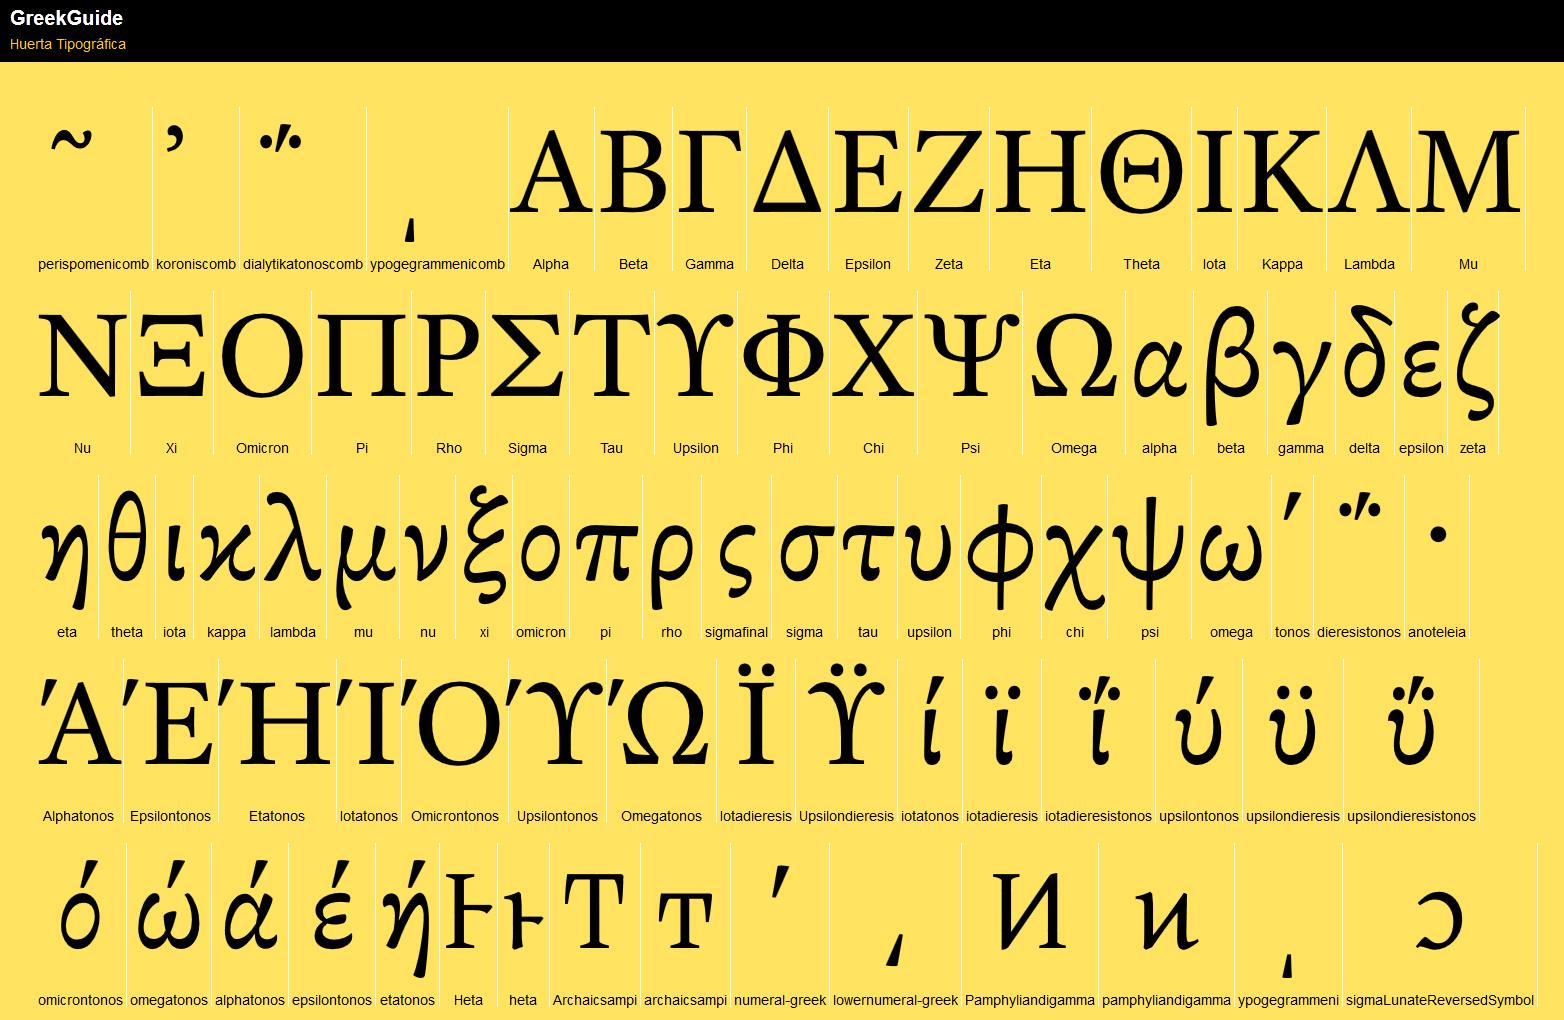 GreekGuide